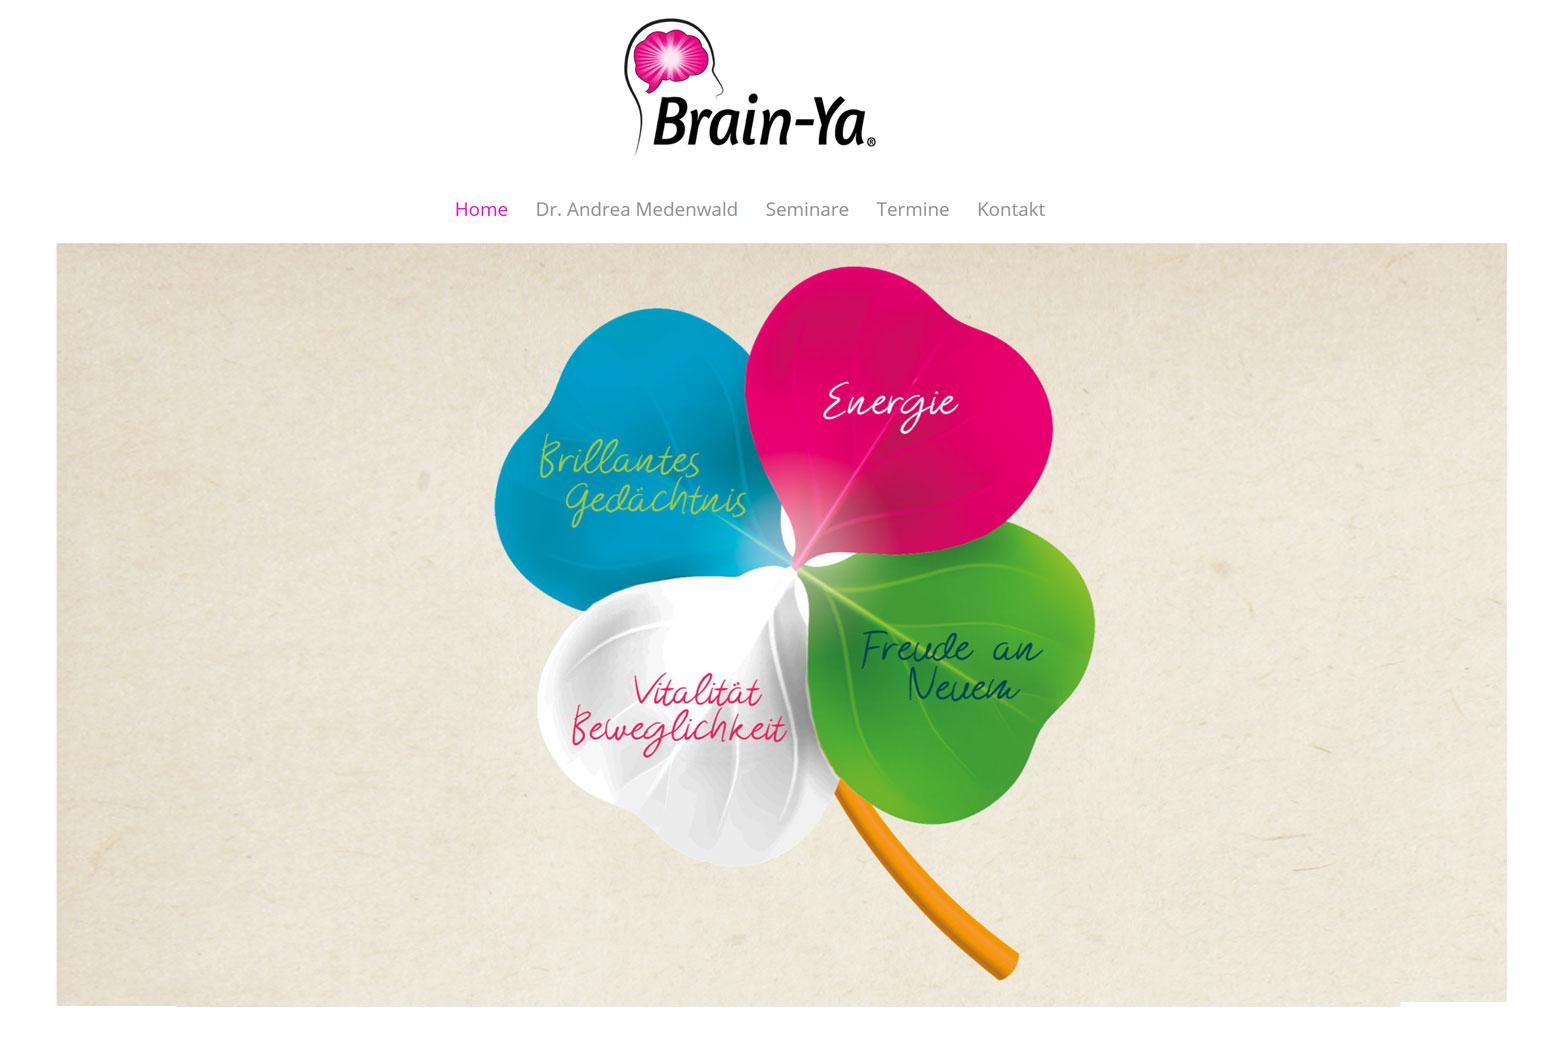 brainya1 1